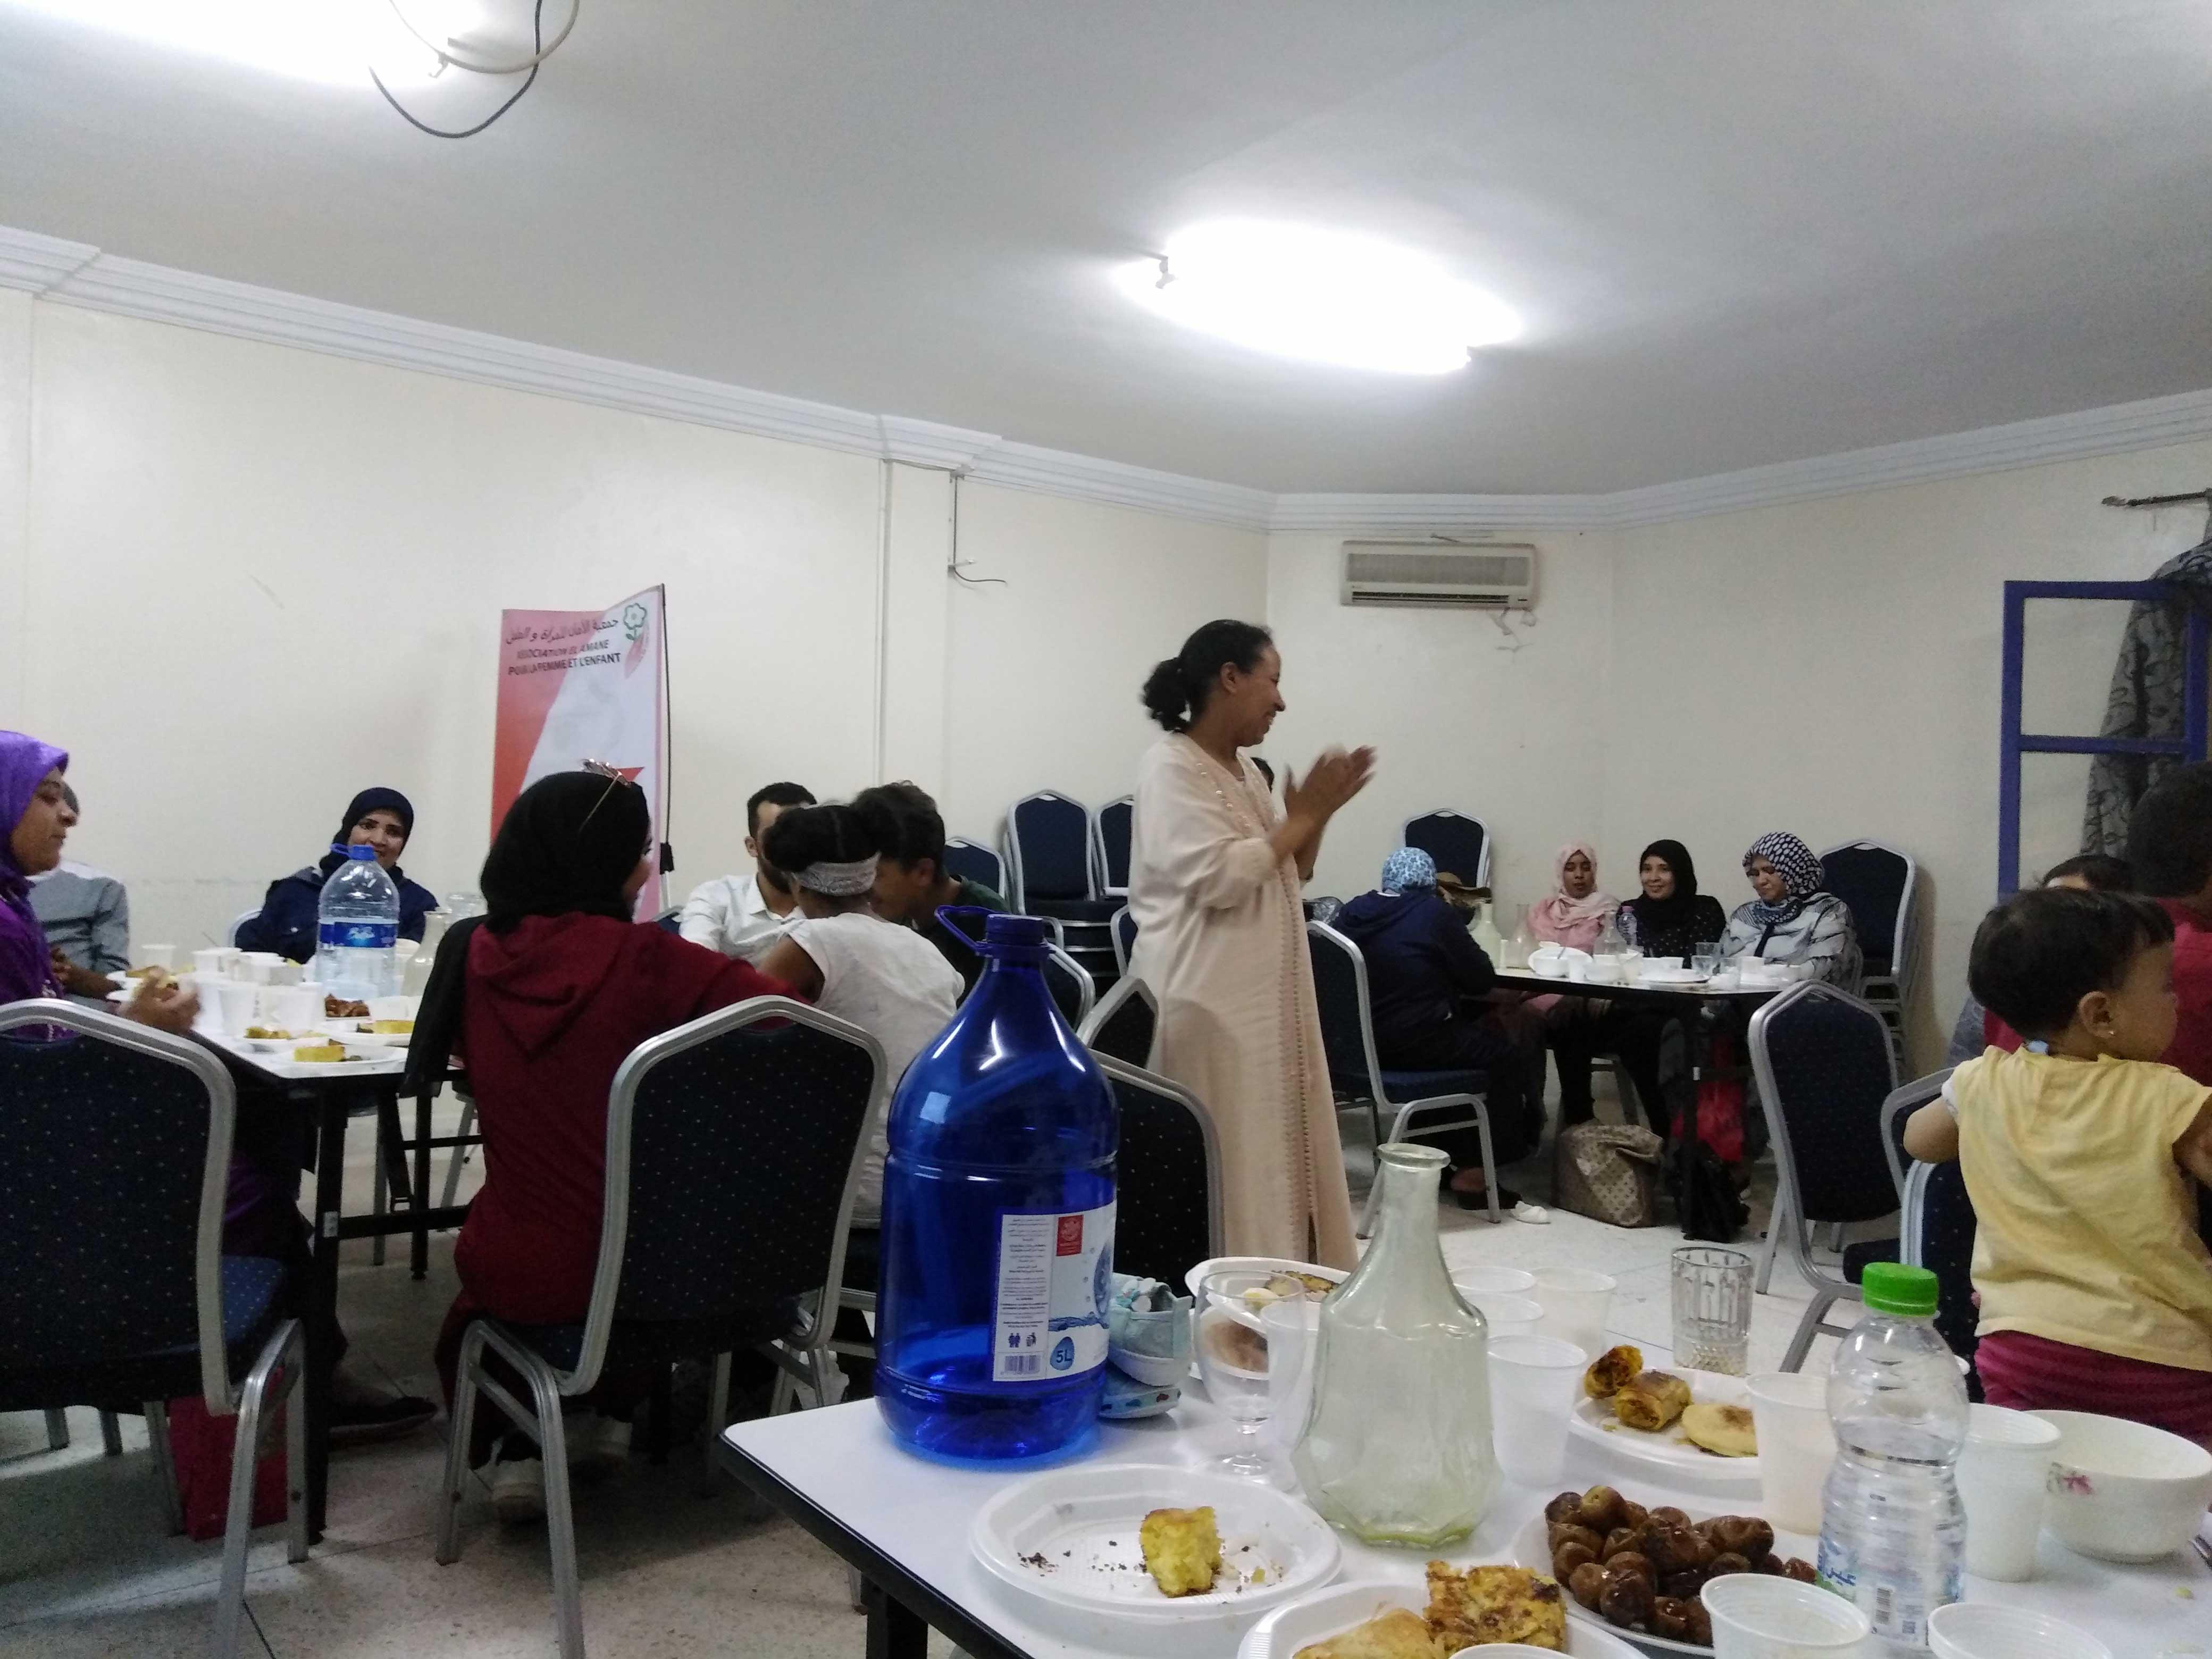 تقديم إستراتيجية الأمان بالإفطار الجماعي